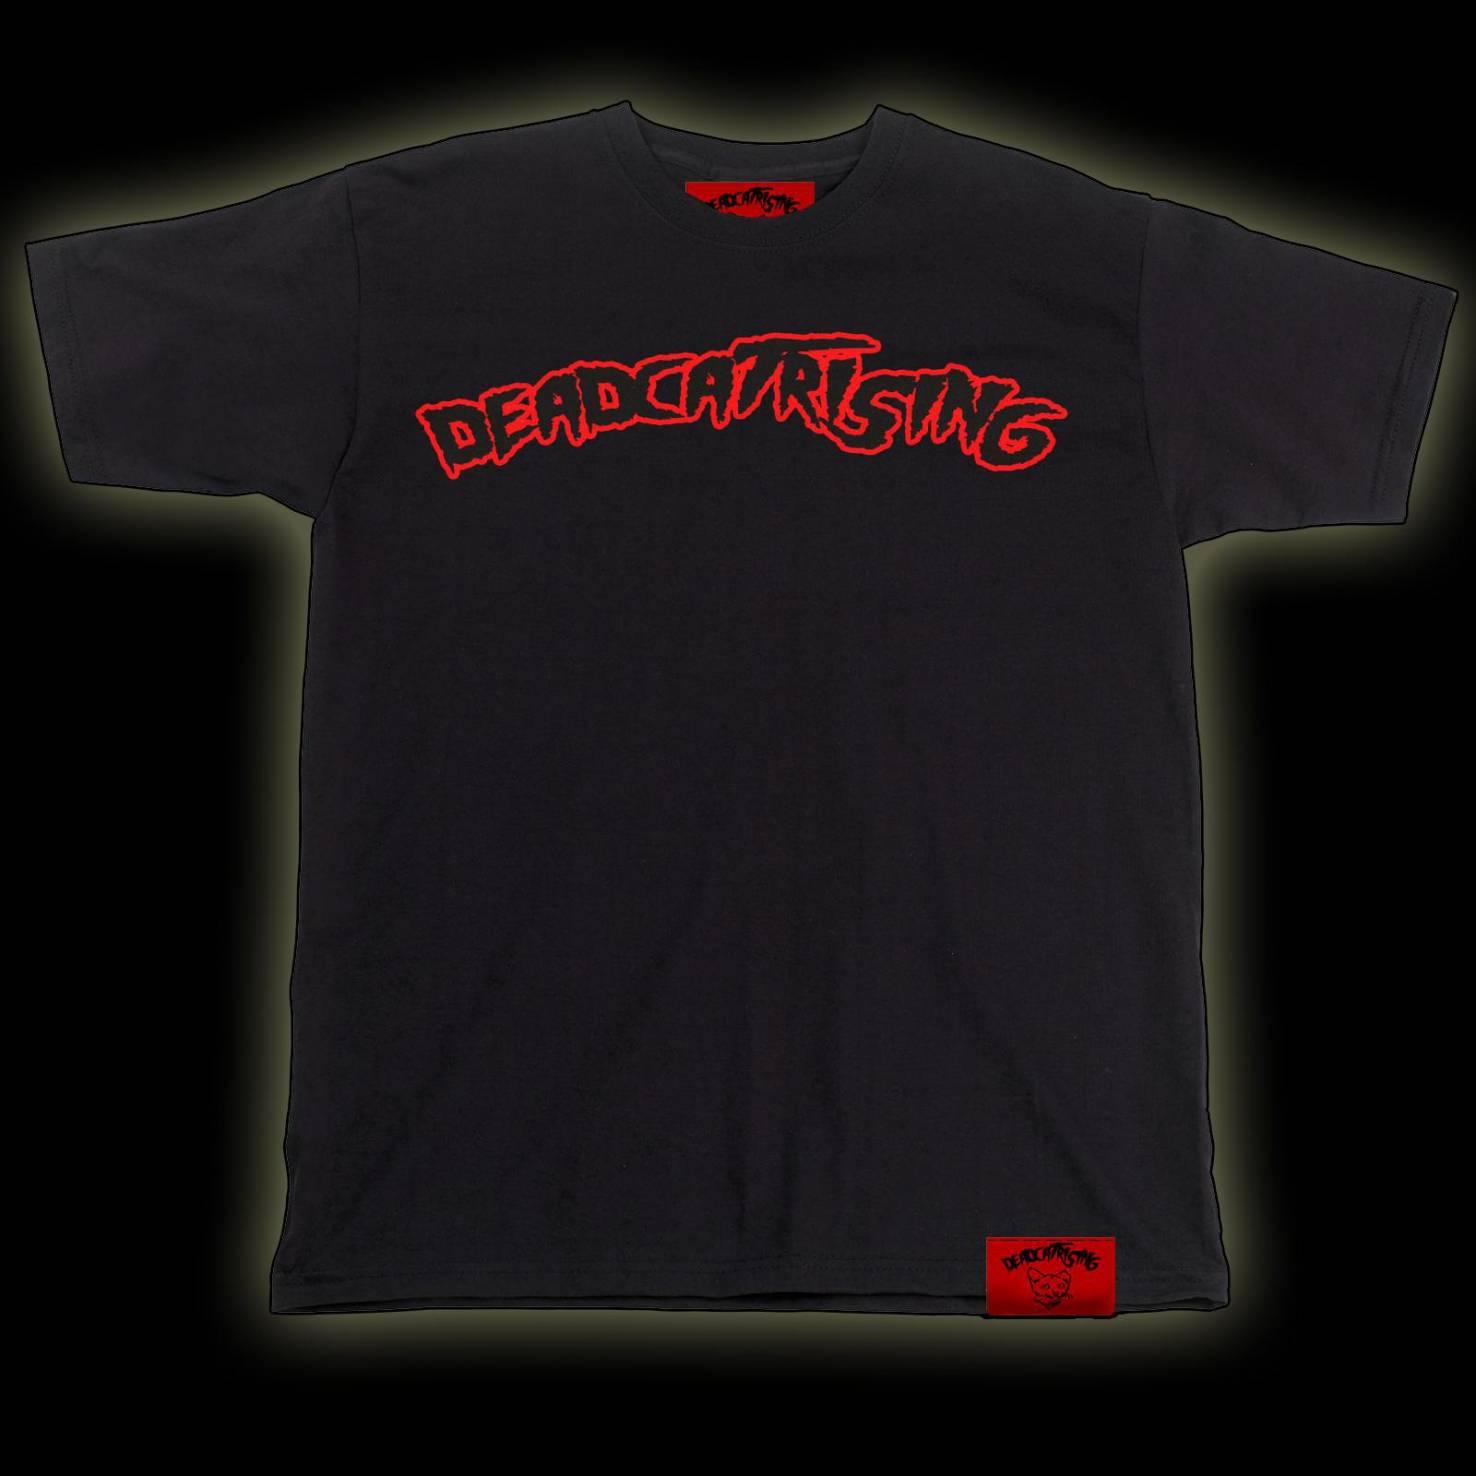 DCR Shirt-dead cat rising